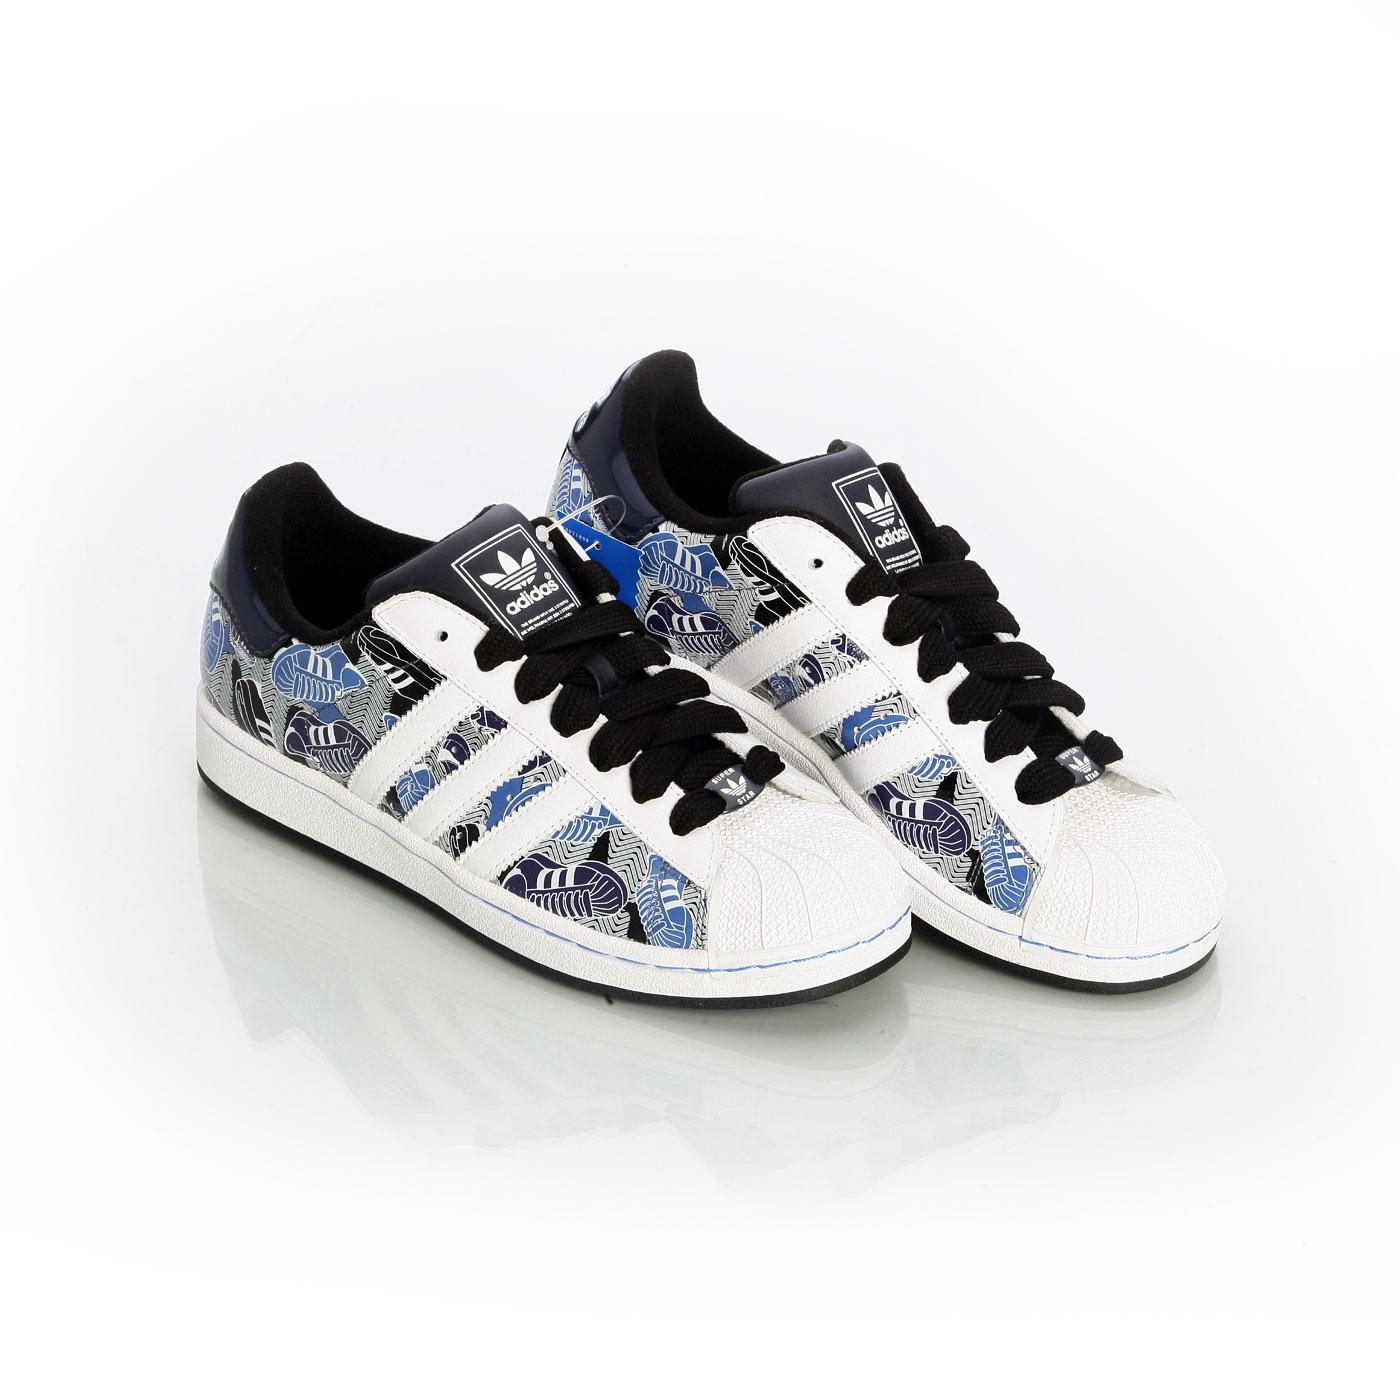 阿迪达斯贝壳鞋 adidas Superstar介绍